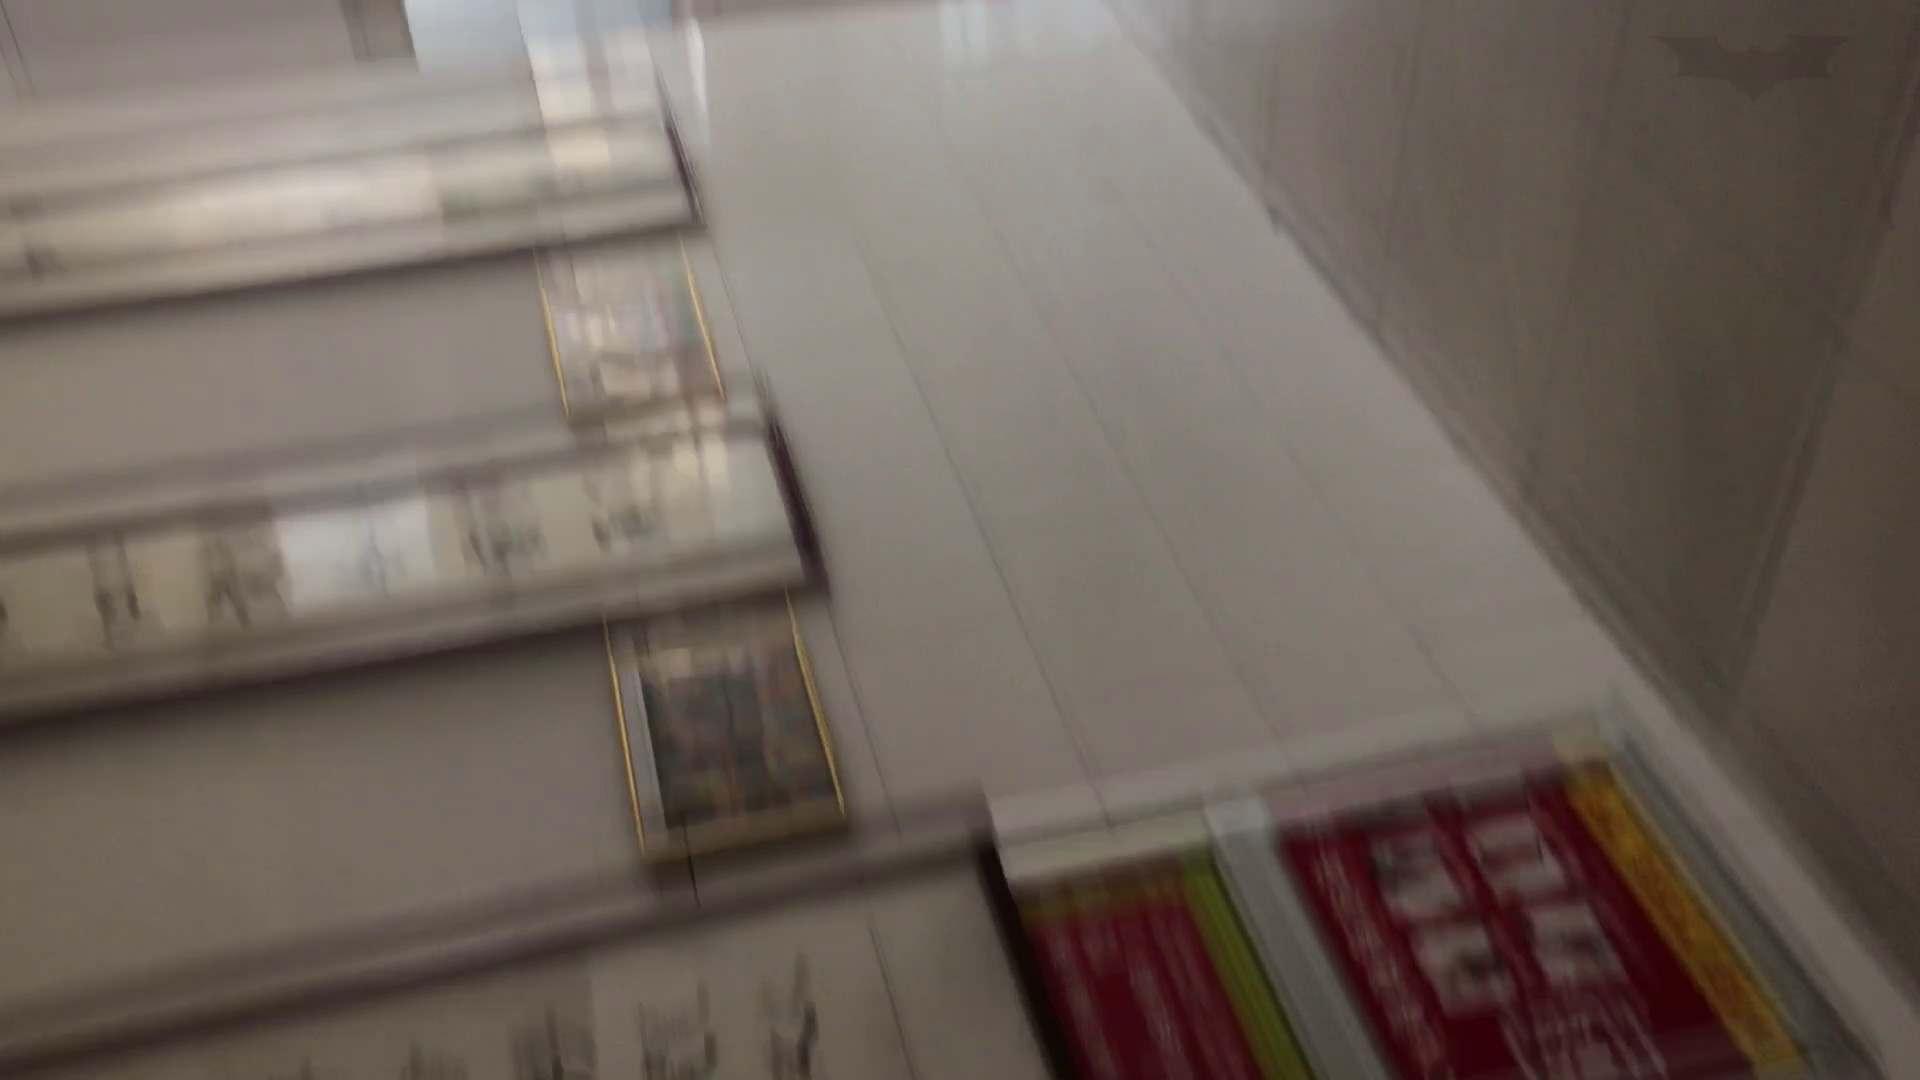 芸術大学ガチ潜入盗sati JD盗撮 美女の洗面所の秘密 Vol.95 盗撮編 おまんこ無修正動画無料 85枚 34